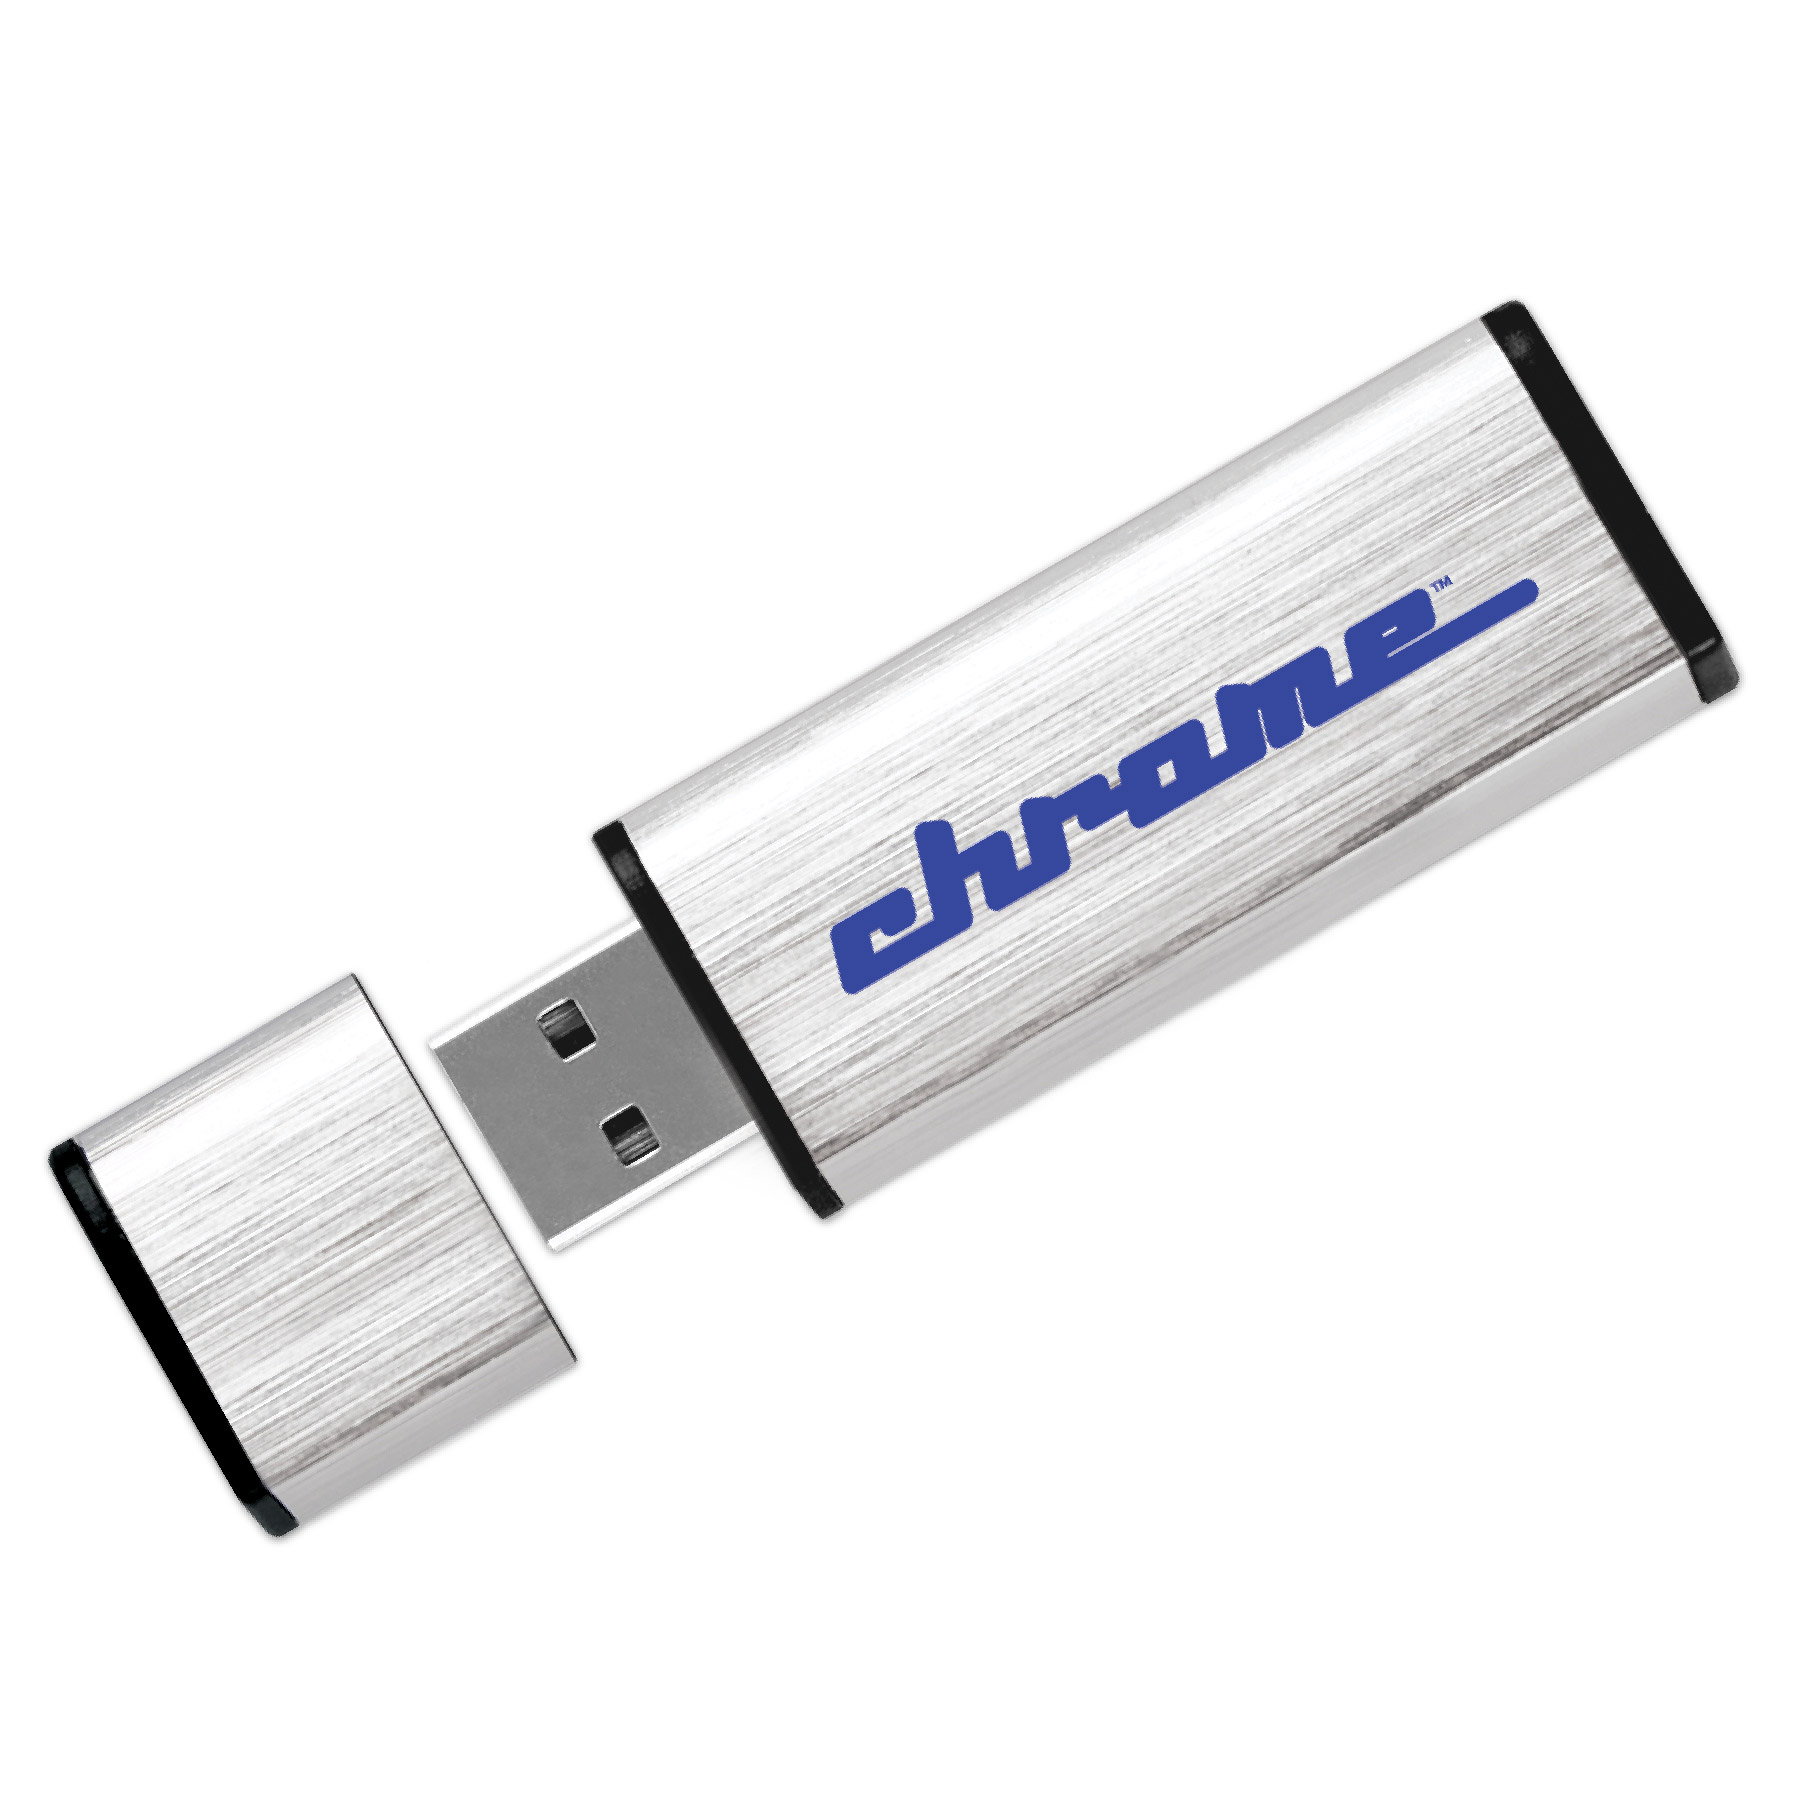 QDAIO-USBMW-16GB